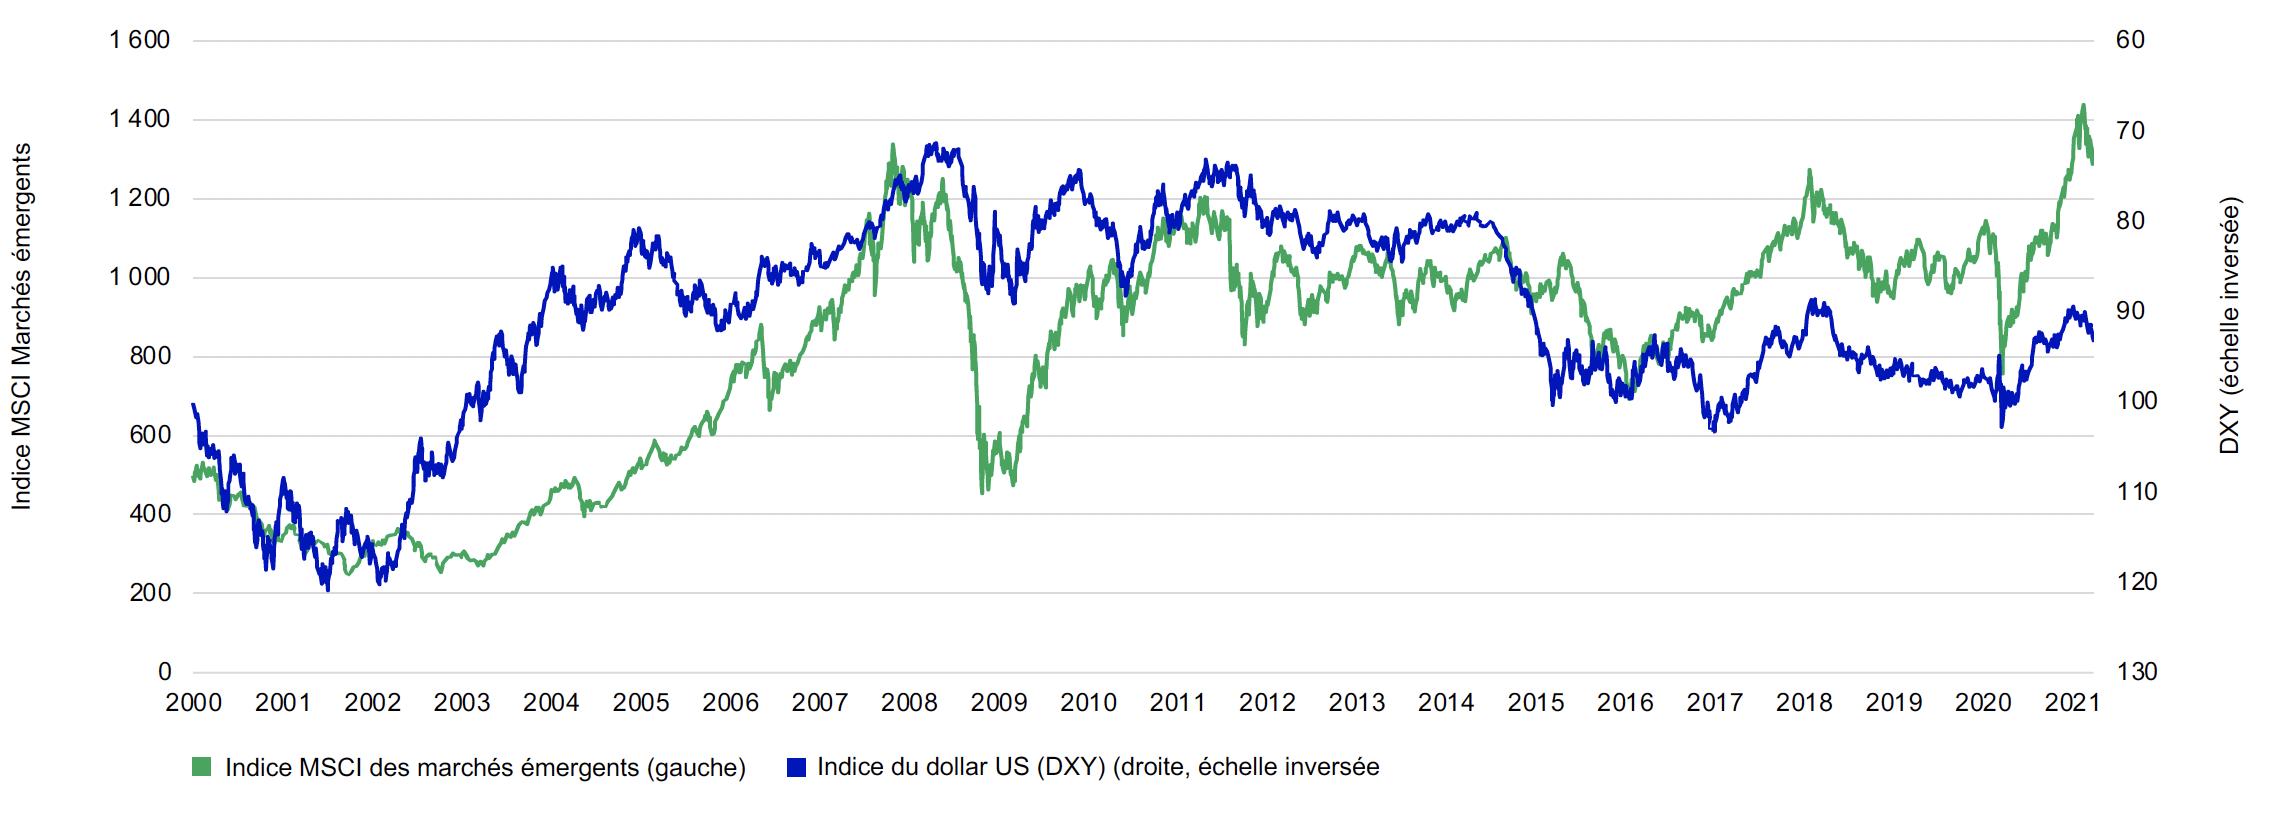 Ce graphique linéaire indique le niveau de l'indice MSCI Marchés émergents par rapport à l'indice DXY du dollar américain de janvier 2000 au 31 mars 2021. L'indice du dollar américain à droite est inversé. Les deux ensembles de données sont inversement corrélés. Les deux lignes se suivent l'une l'autre, à la hausse et à la baisse. Même si l'indice du dollar américain a récemment augmenté et que la ligne descend, nous nous attendons à ce qu'il recule et que le contexte soit favorable aux marchés émergents.